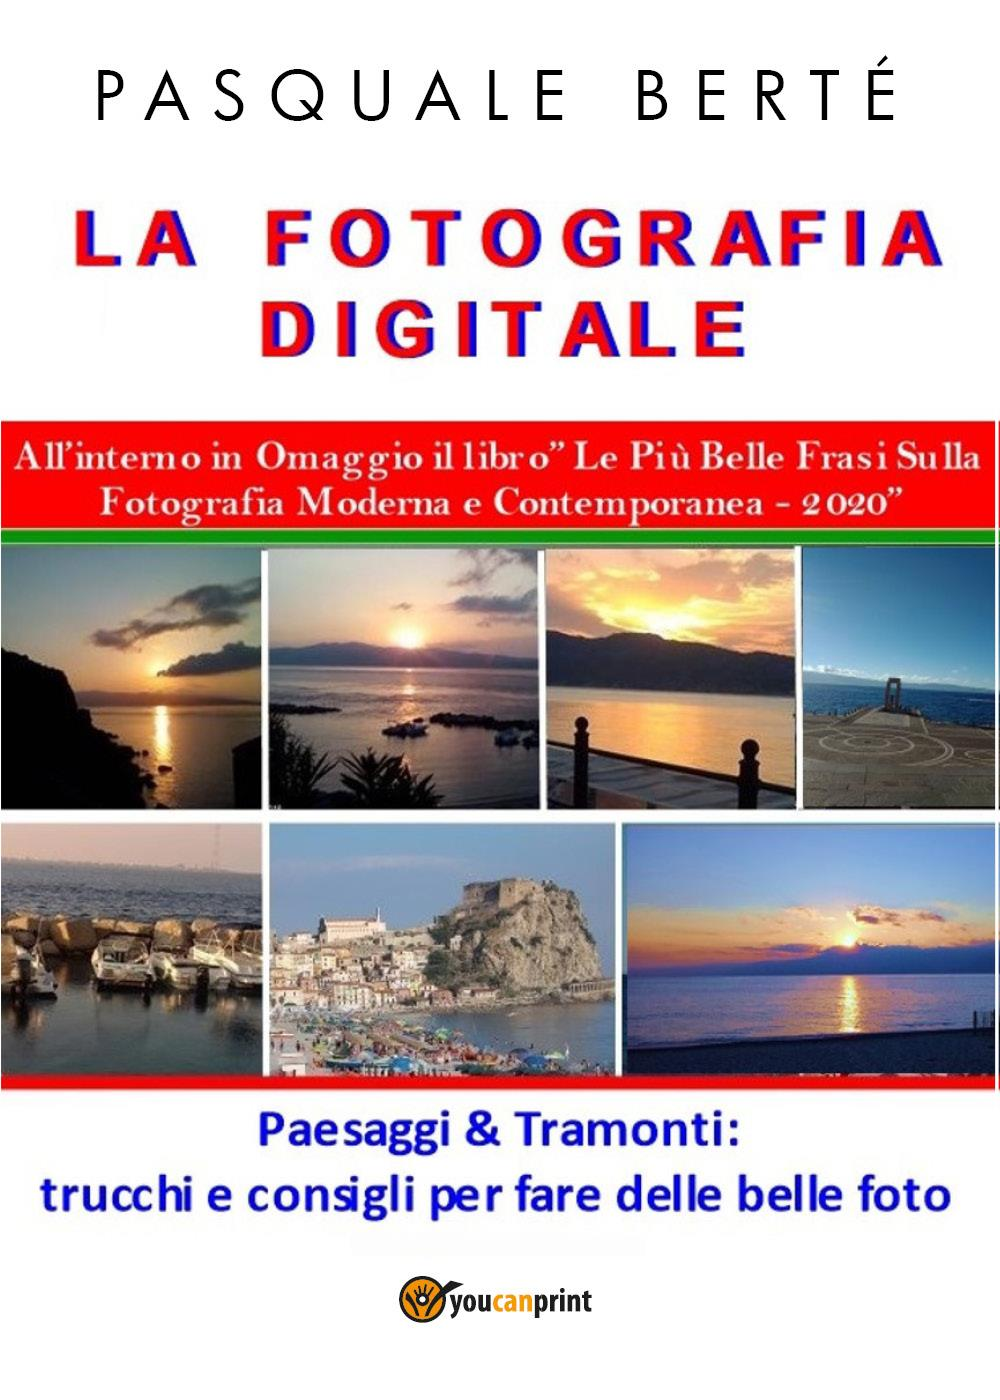 La Fotografia Digitale: Paesaggi e Tramonti - 2020